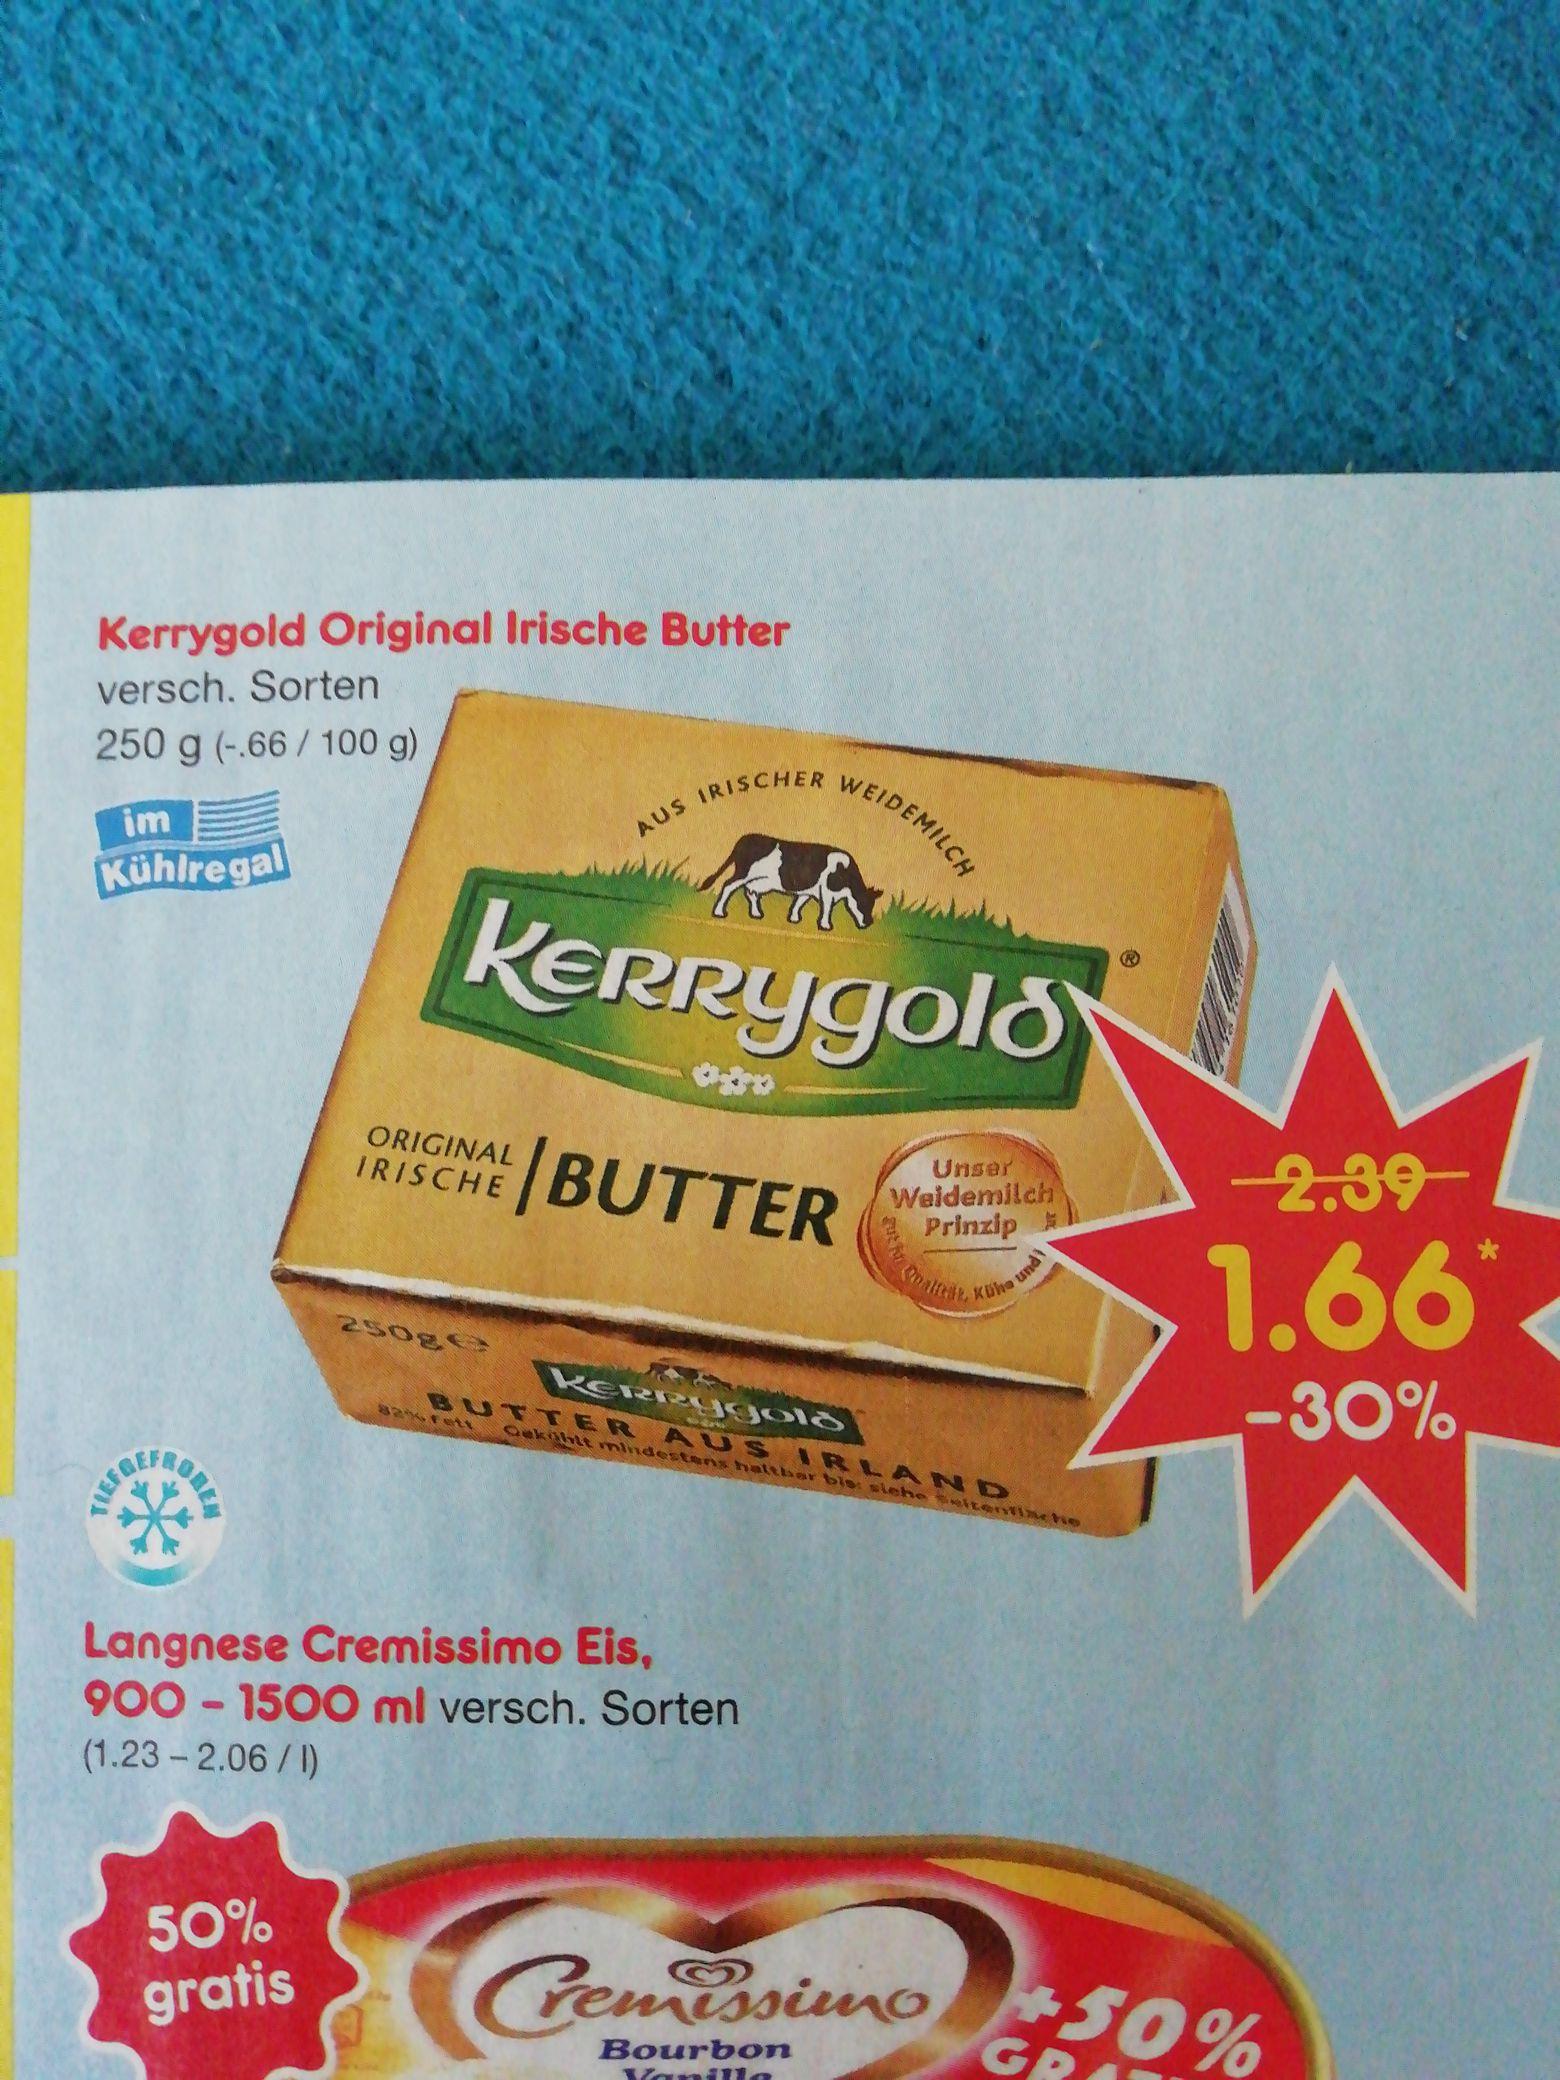 Kerrygold Original Irische Butter bei Netto Marken-Discount